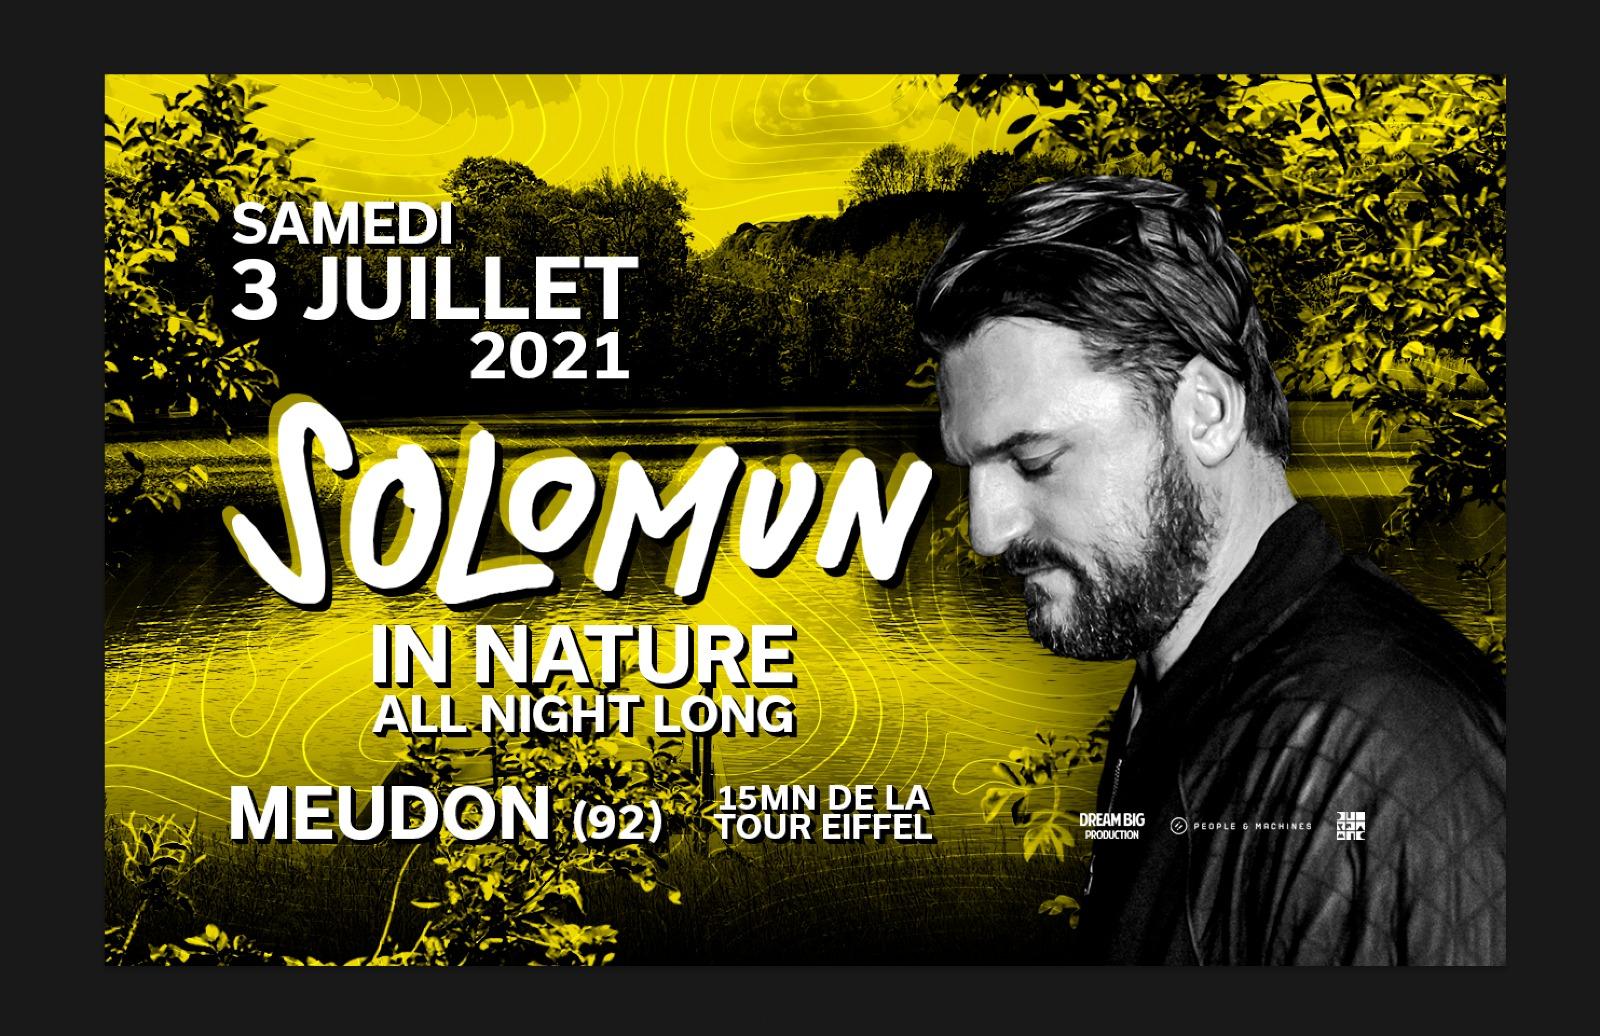 SOLOMUN IN NATURE - PARIS 2021